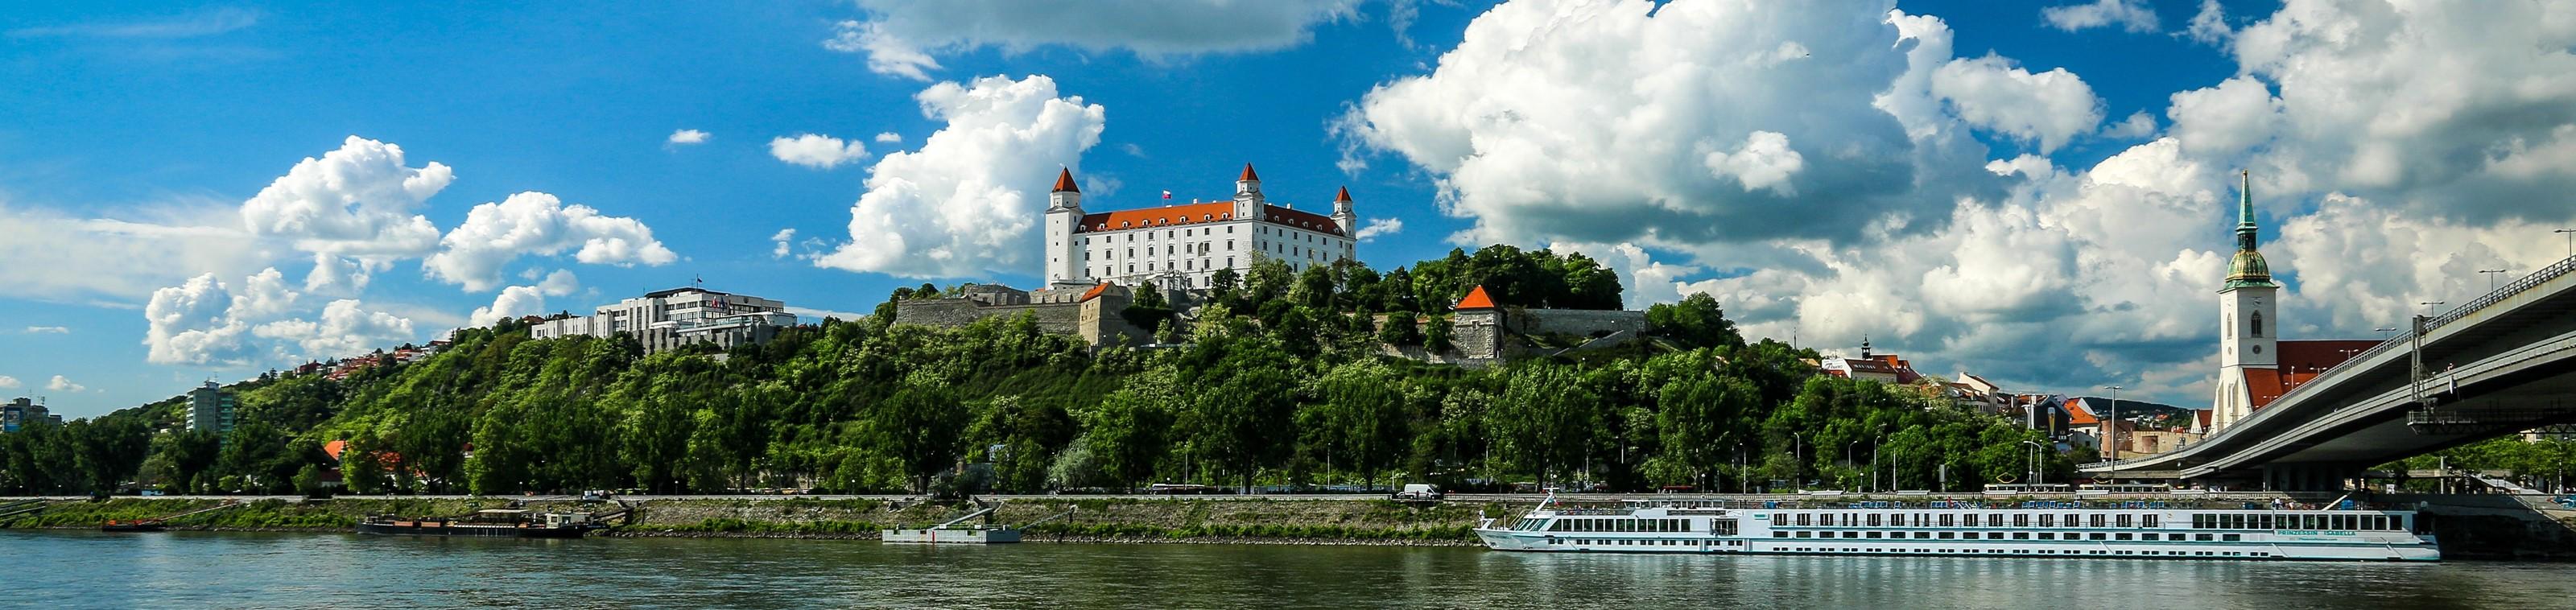 Nieuwjaarscruise op de Donau